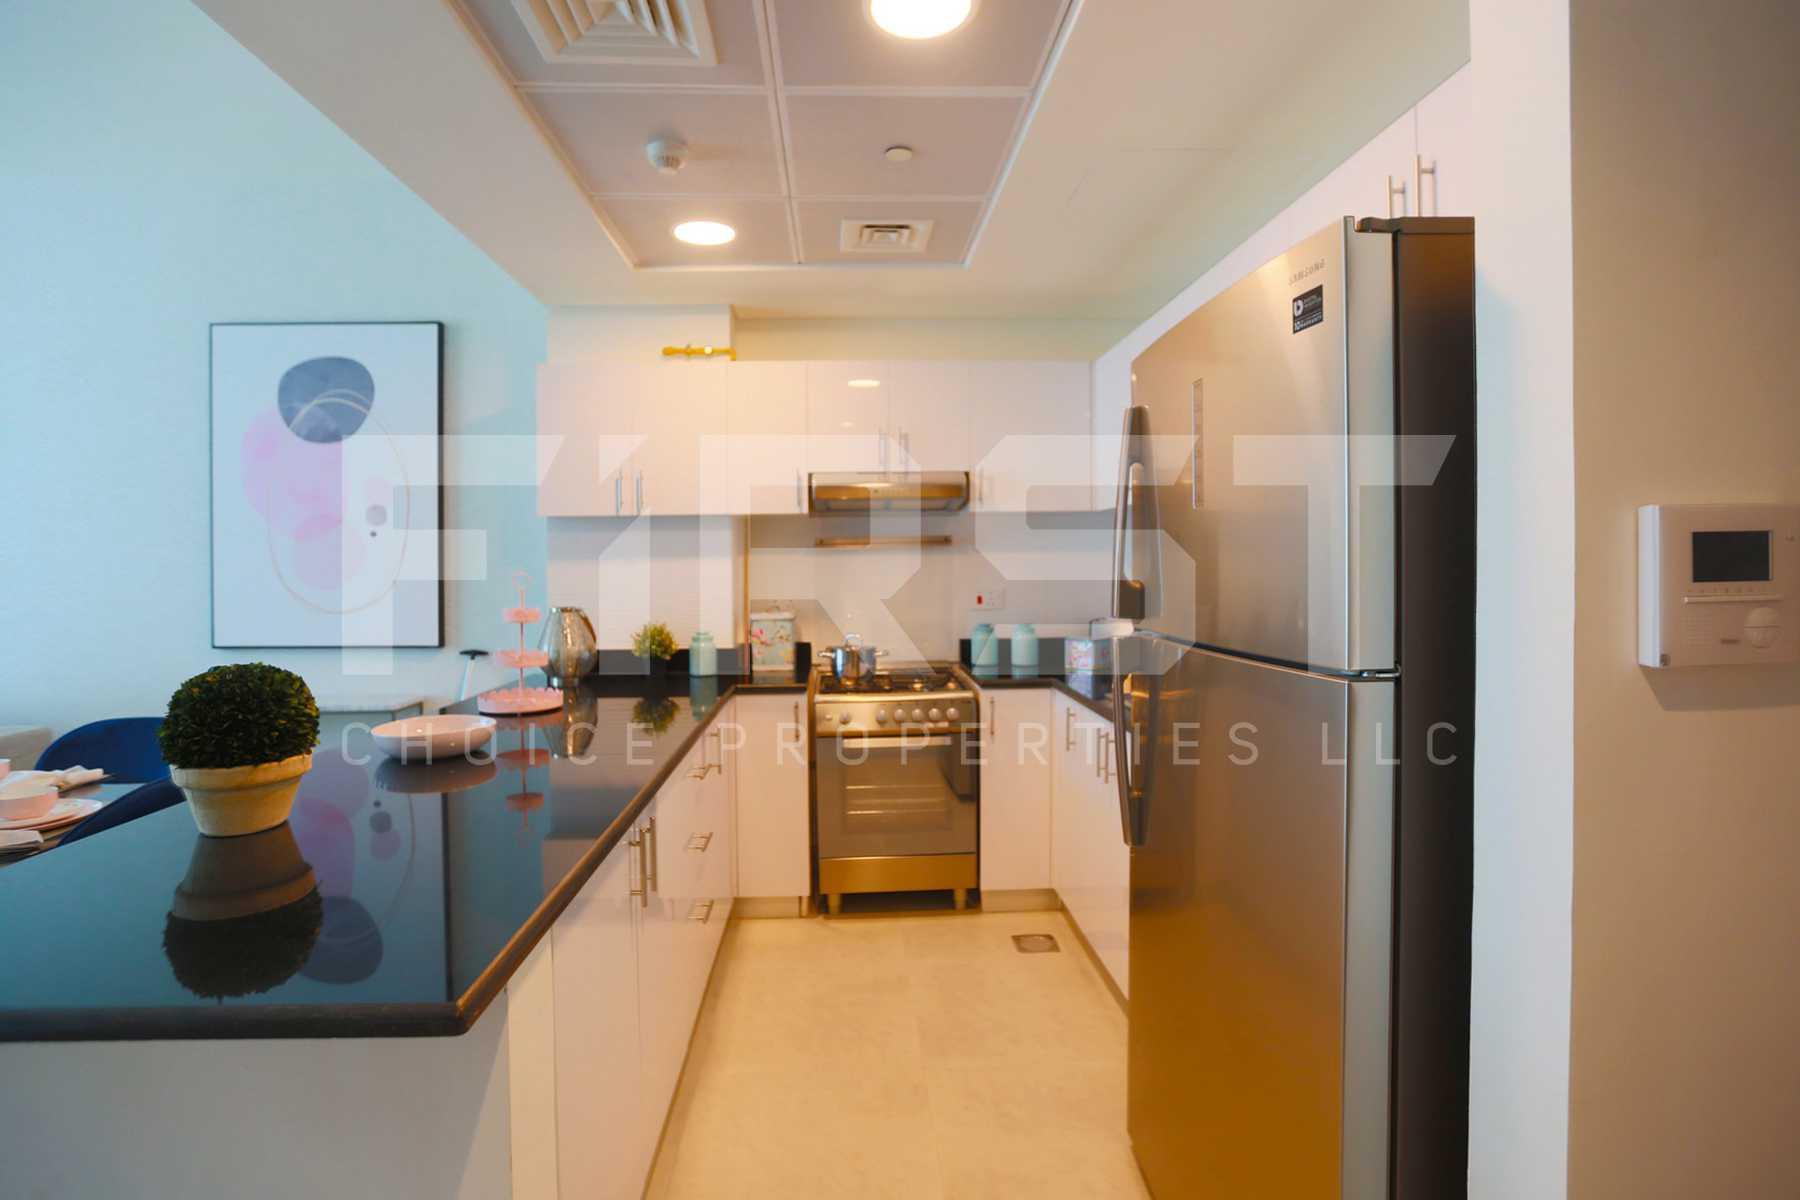 Internal of 1 Bedroom Apartment in Park view Saadiyat Ilsand Abu Dhabi UAE (7).jpg